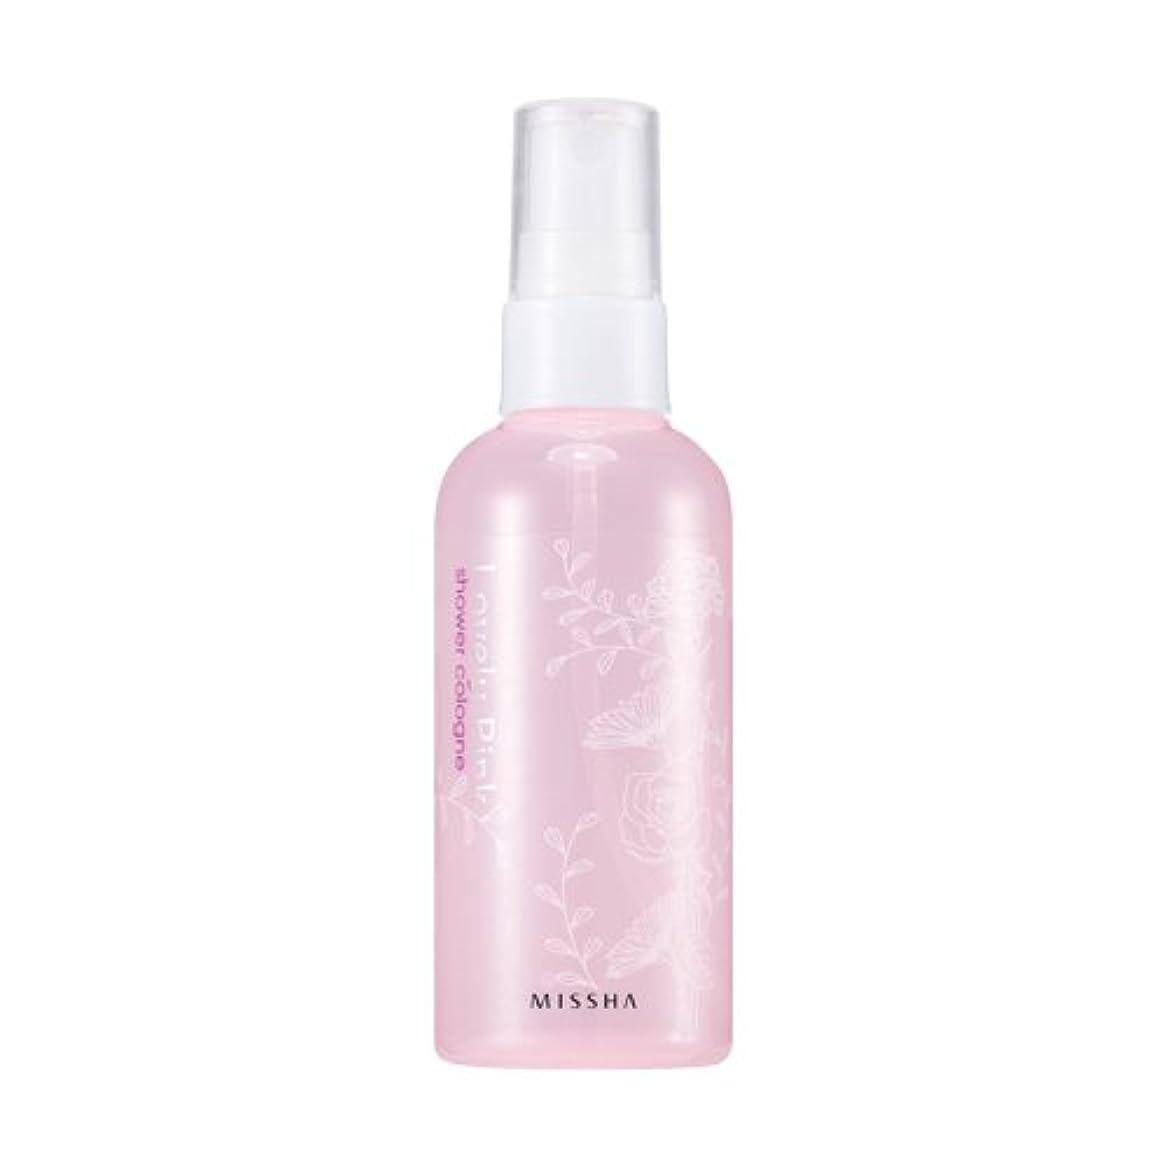 東ティモール不誠実原子炉MISSHA Perfumed Shower Cologne Lovely pink 105ml / ミシャ パフュームドシャワーコロン ラブリーピンク 105ml [並行輸入品]